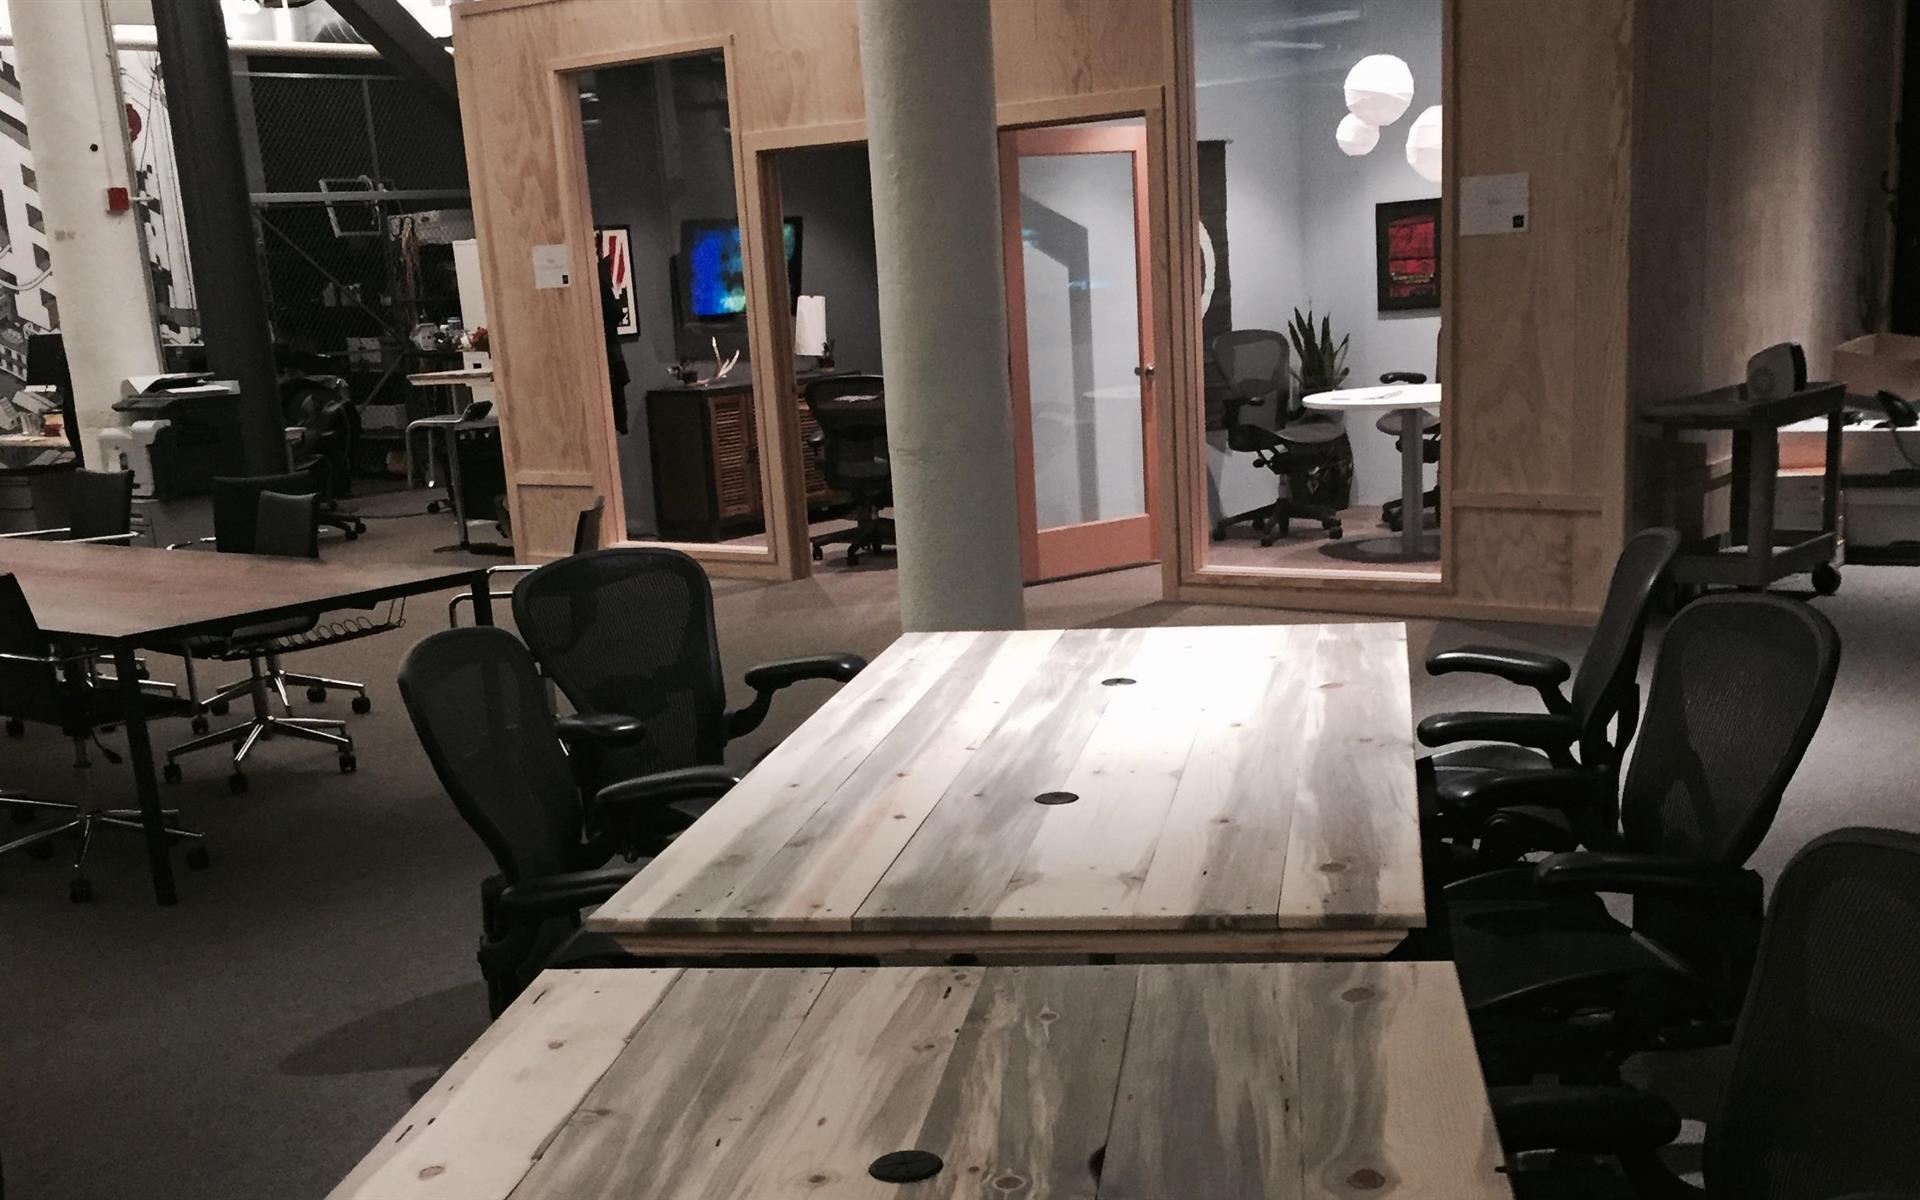 Say Media - Team Desks for 4